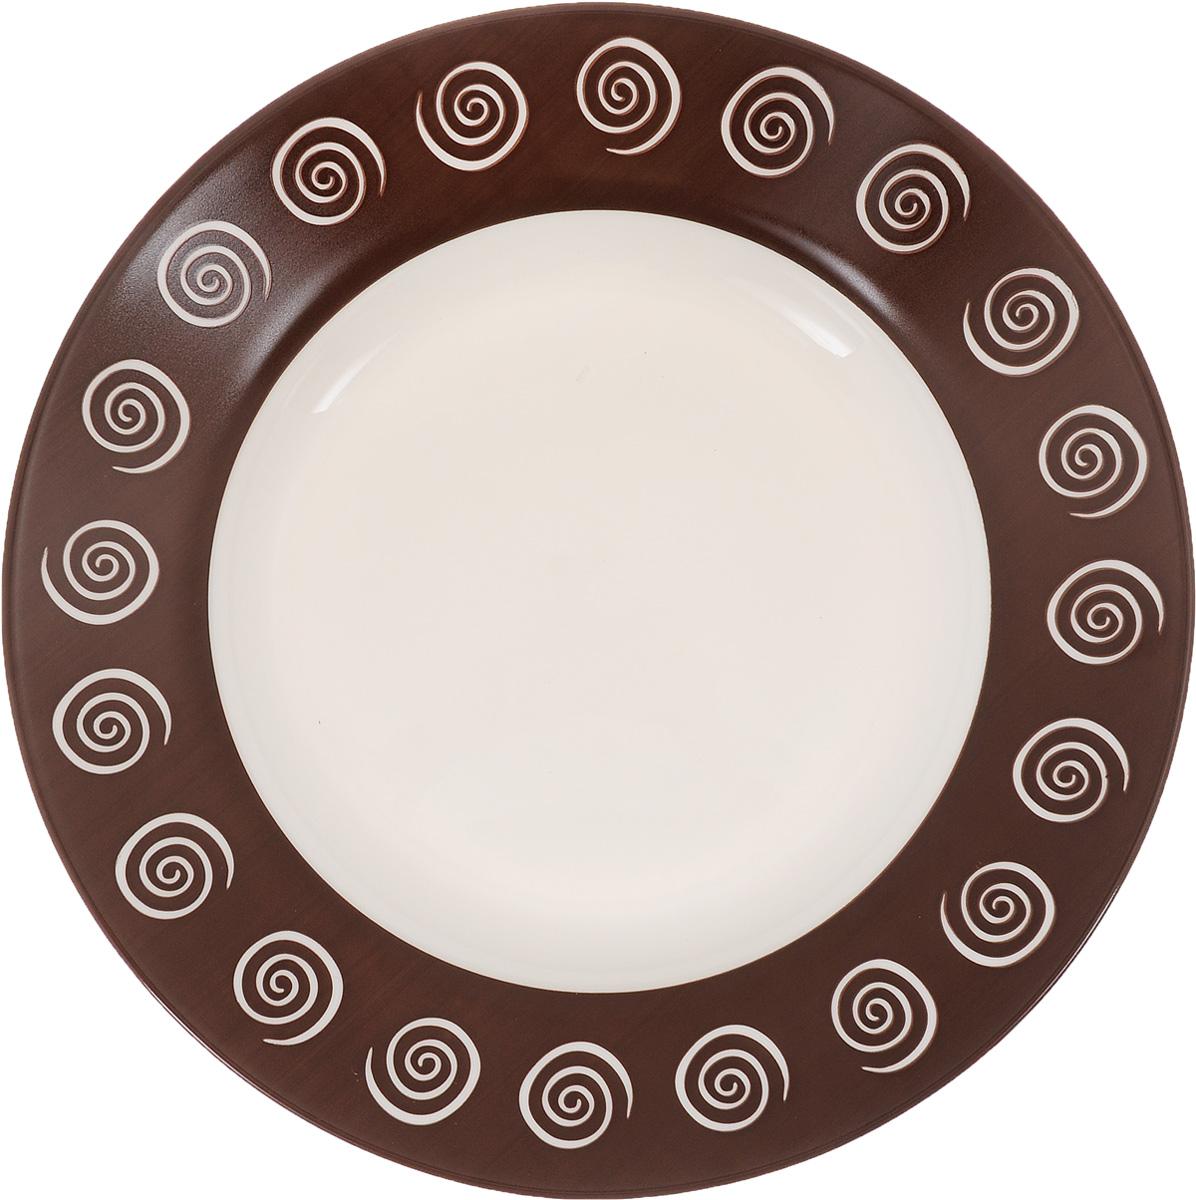 Тарелка глубокая Luminarc Sirocco, цвет: темно-коричневый, белый, диаметр 22 смH4886Глубокая тарелка Luminarc Sirocco выполнена из ударопрочного стекла и оформлена ярким рисунком. Изделие сочетает в себе изысканный дизайн с максимальной функциональностью. Она прекрасно впишется в интерьер вашей кухни и станет достойным дополнением к кухонному инвентарю. Тарелка Luminarc Sirocco подчеркнет прекрасный вкус хозяйки и станет отличным подарком. Диаметр (по верхнему краю): 22 см. Высота тарелки: 3 см.